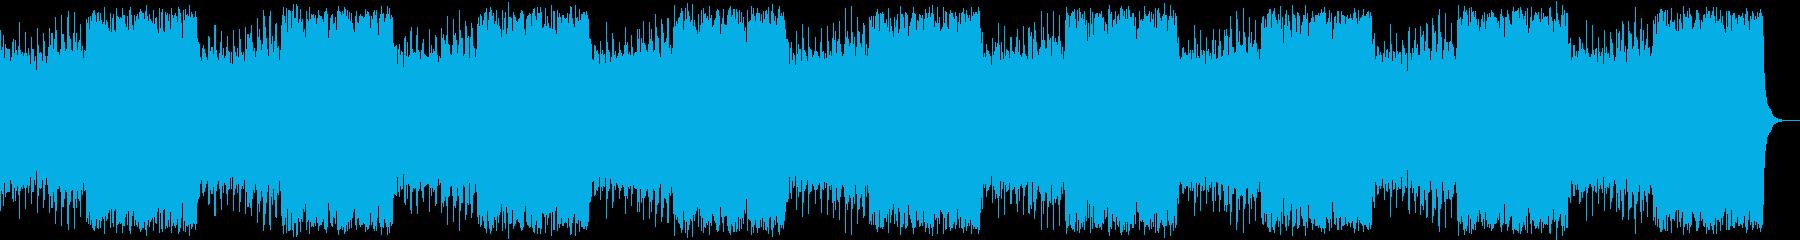 明るく壮大なフルオーケストラの再生済みの波形